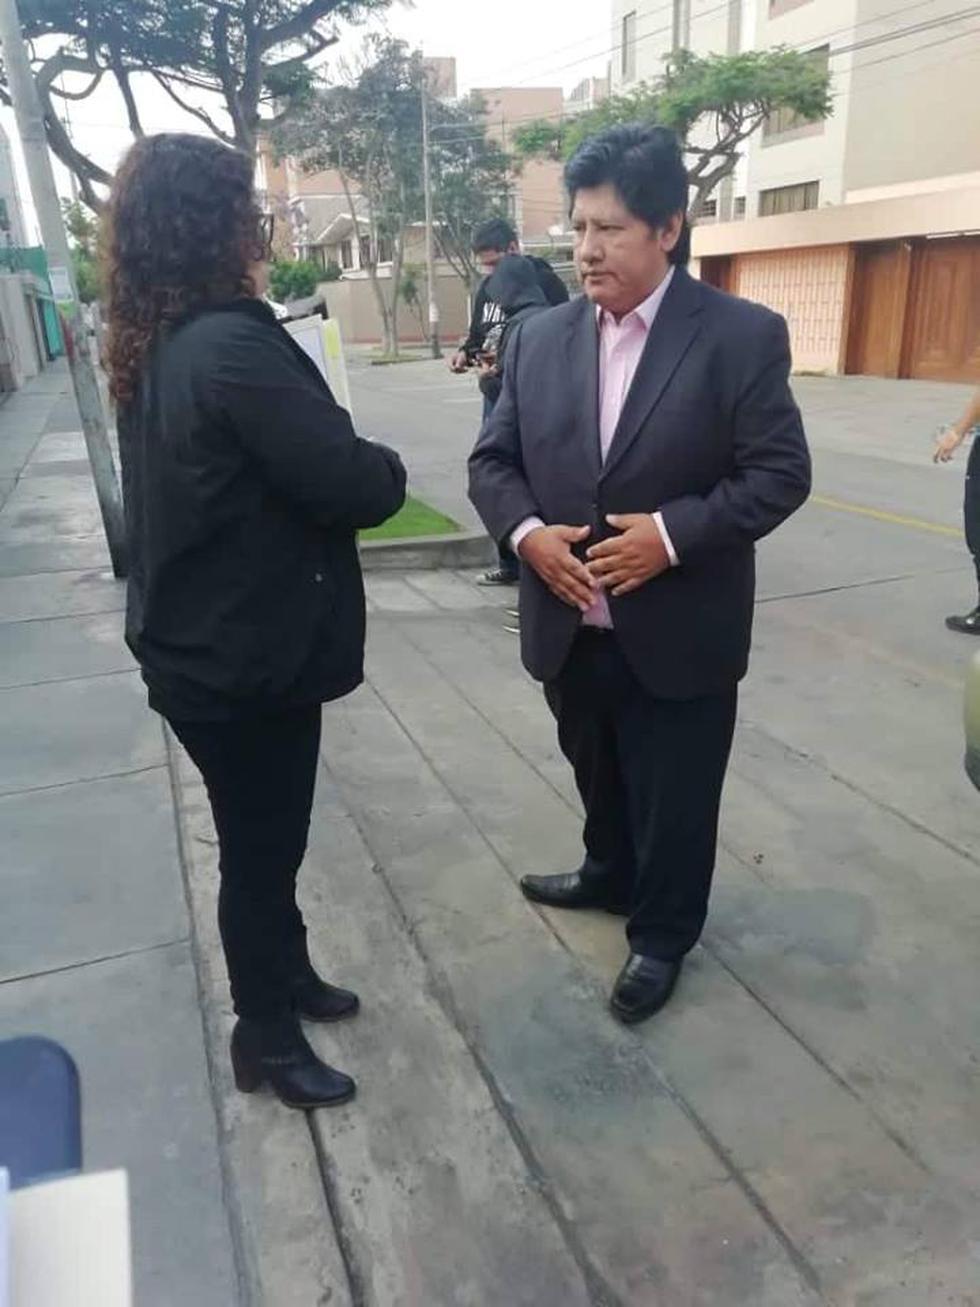 La fiscal Rocío Sánchez Saavedra, a cargo del caso, acudió a la vivienda de Edwin Oviedo en San Borja . (Foto: Difusión)